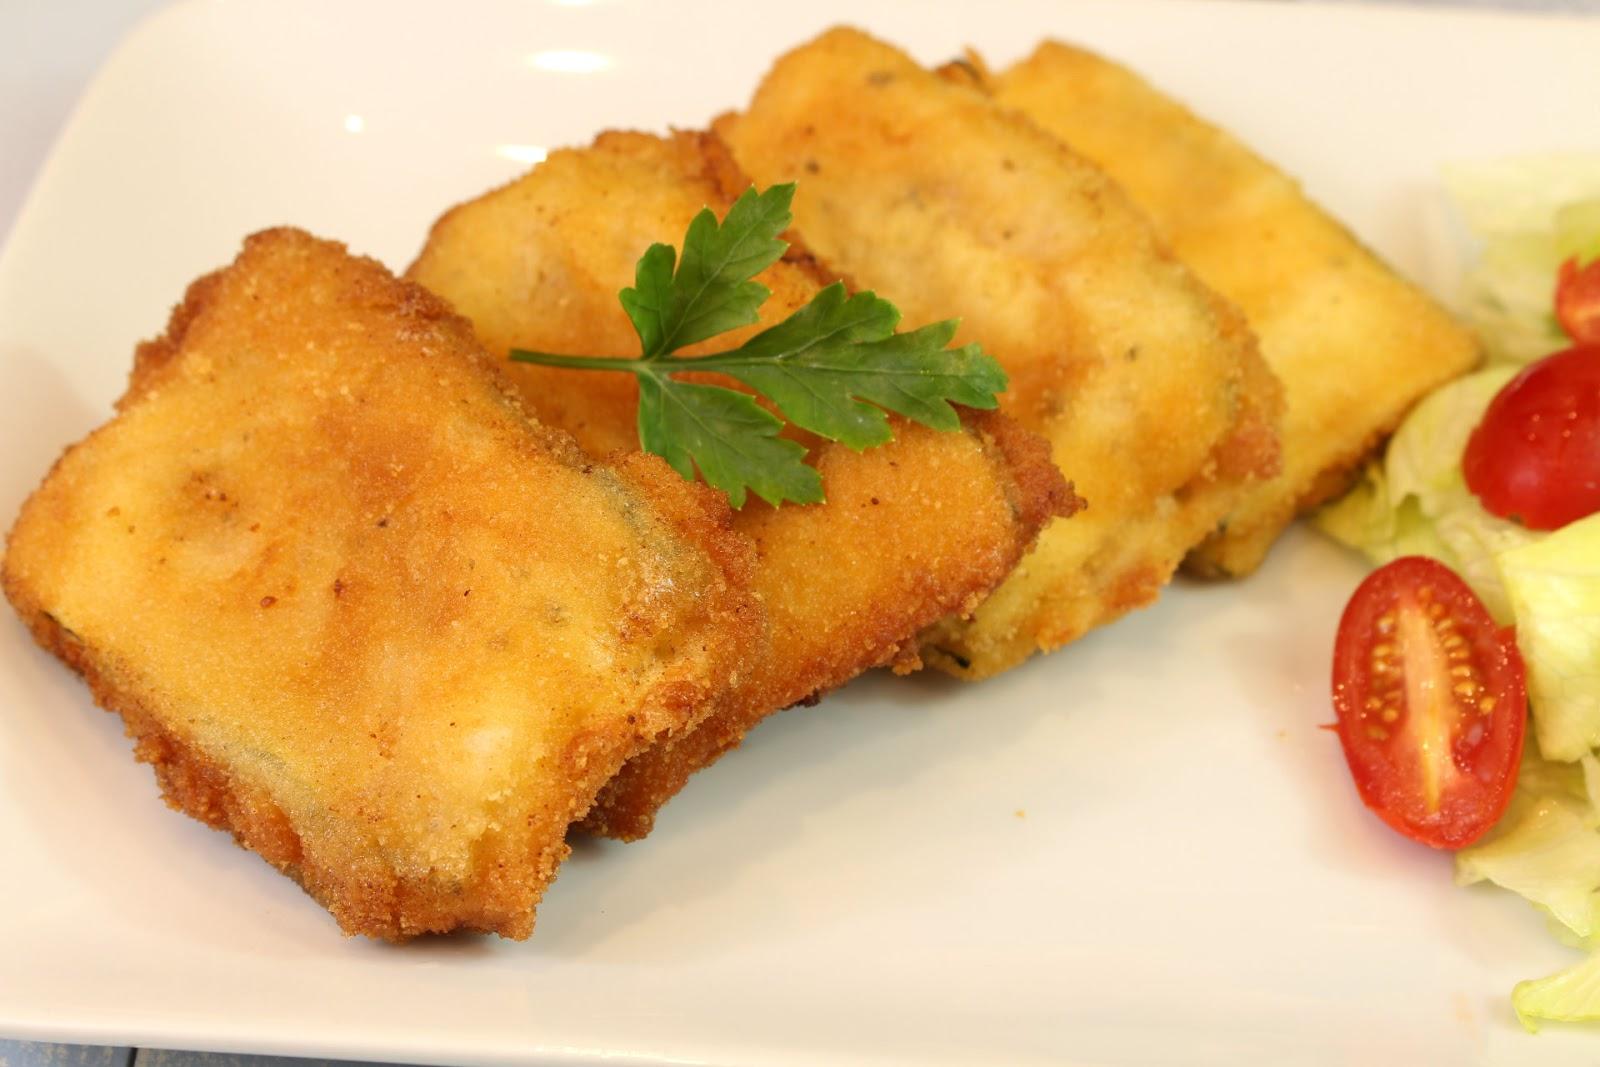 San Jacobos De Calabacín Receta Deliciosa Saltando La Dieta